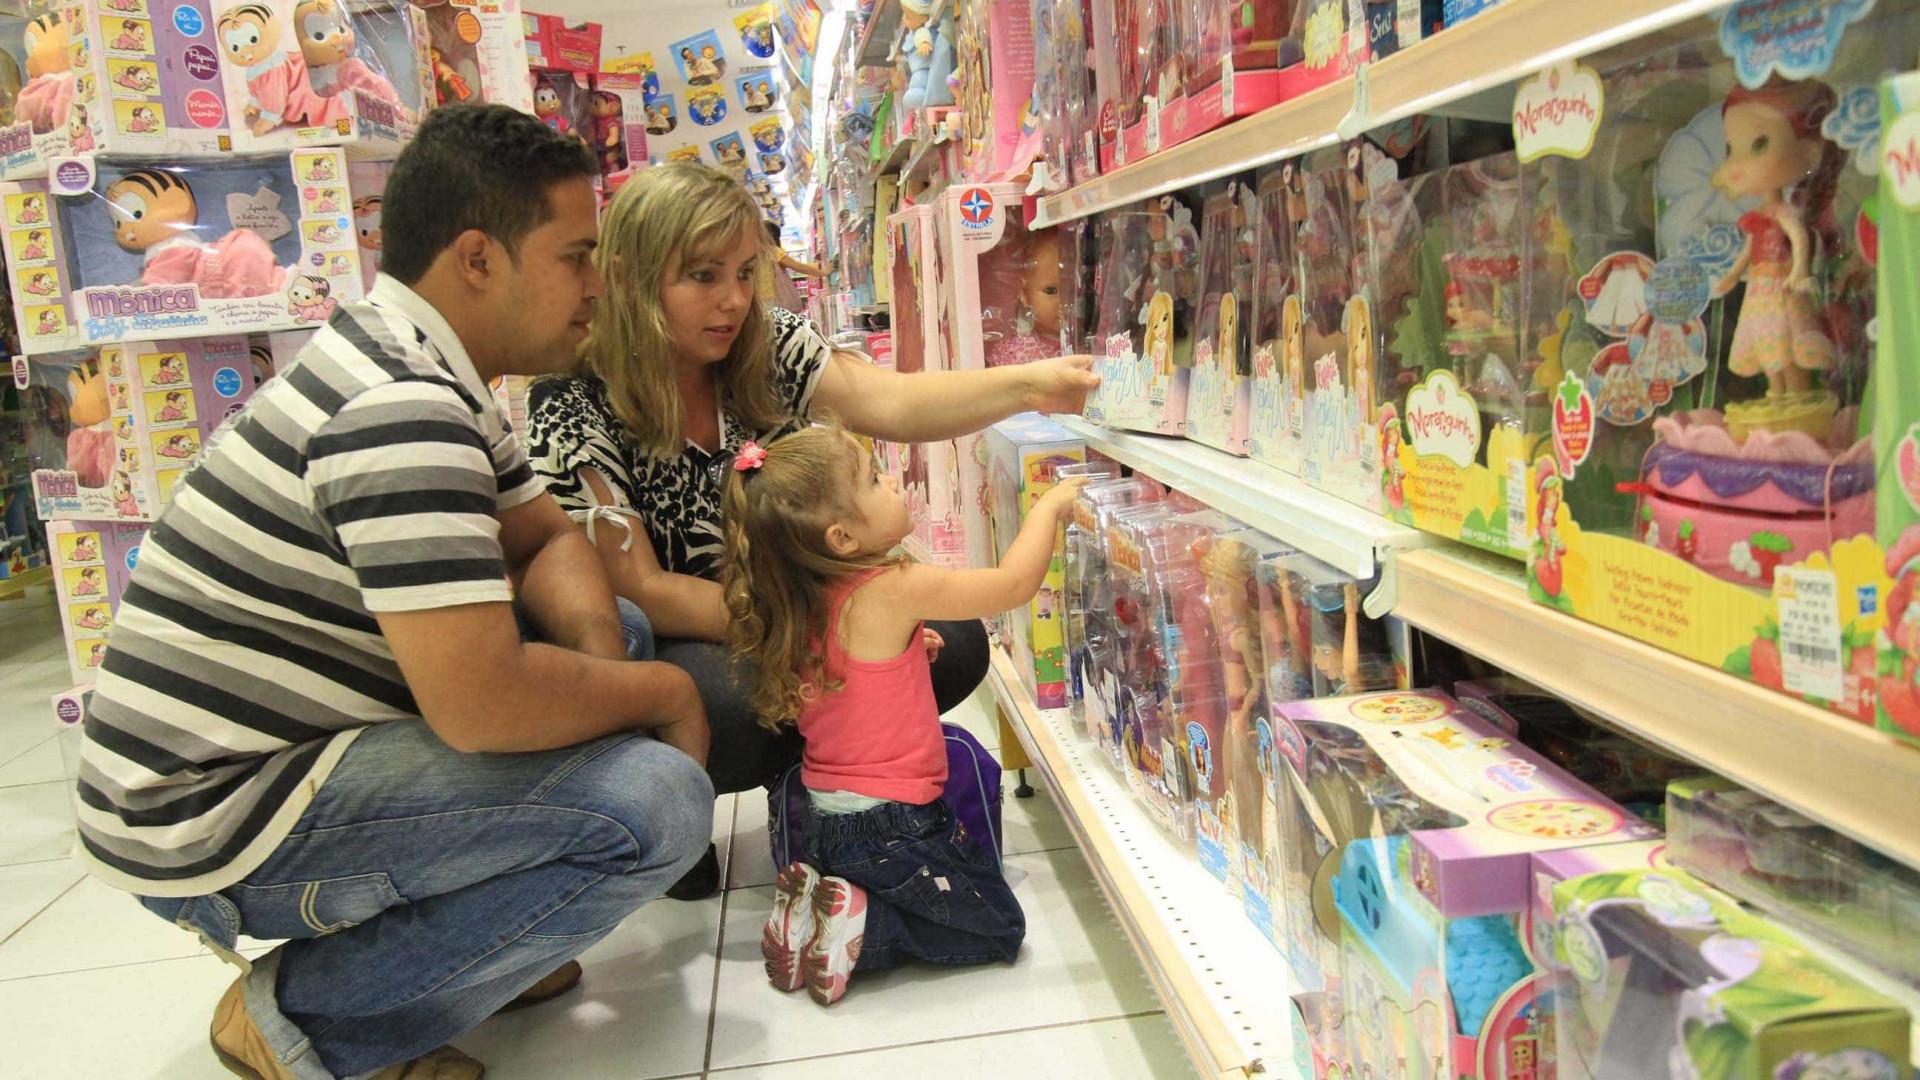 Lojistas preveem crescimento de vendas para o Dia da Criança